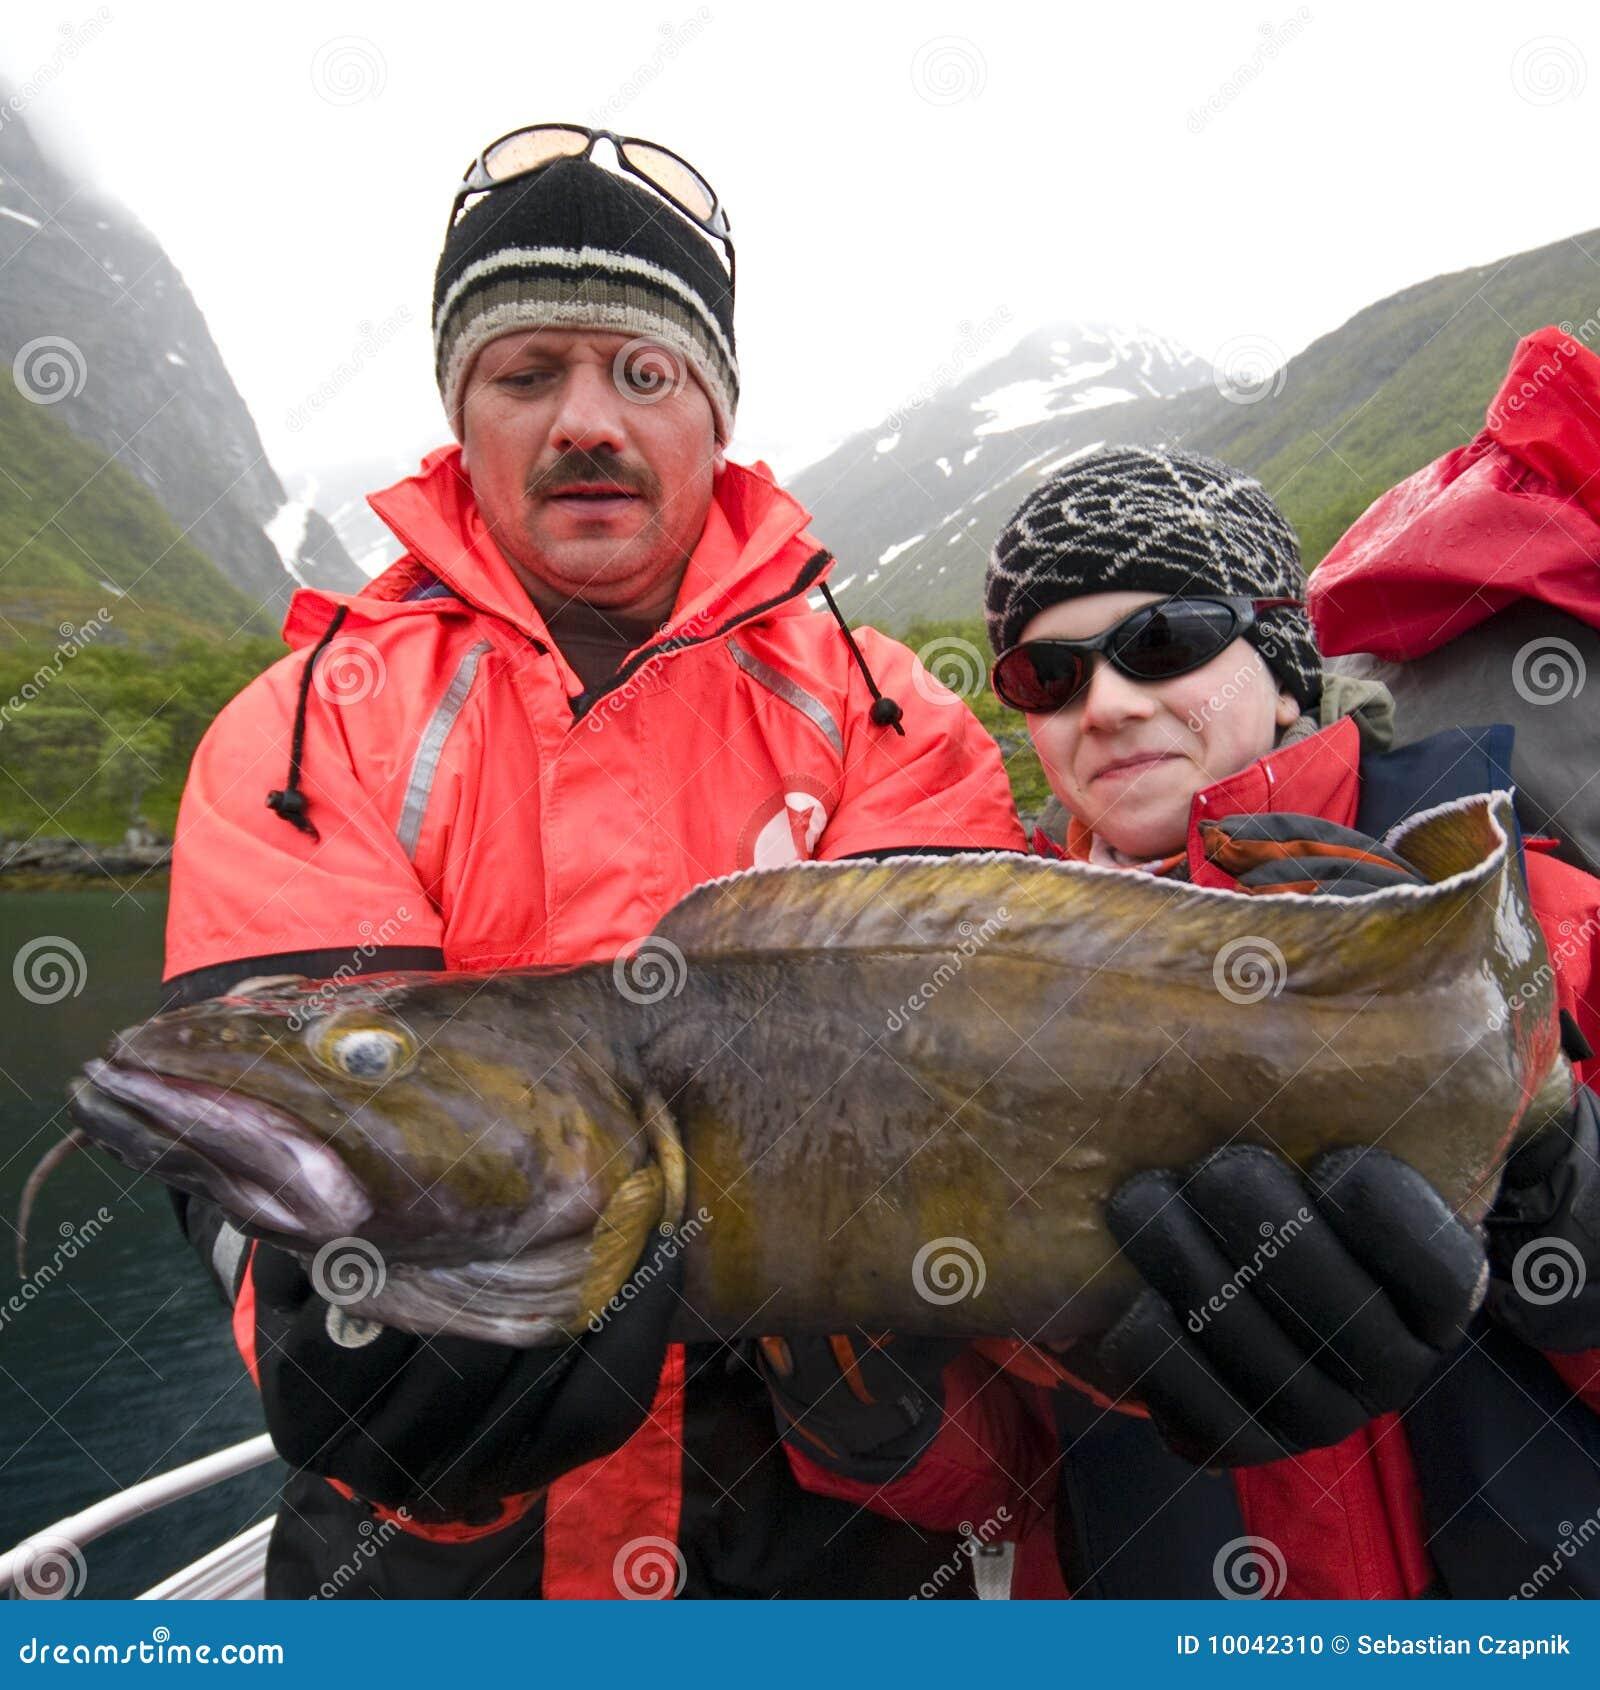 Trophée de pêche - torsk